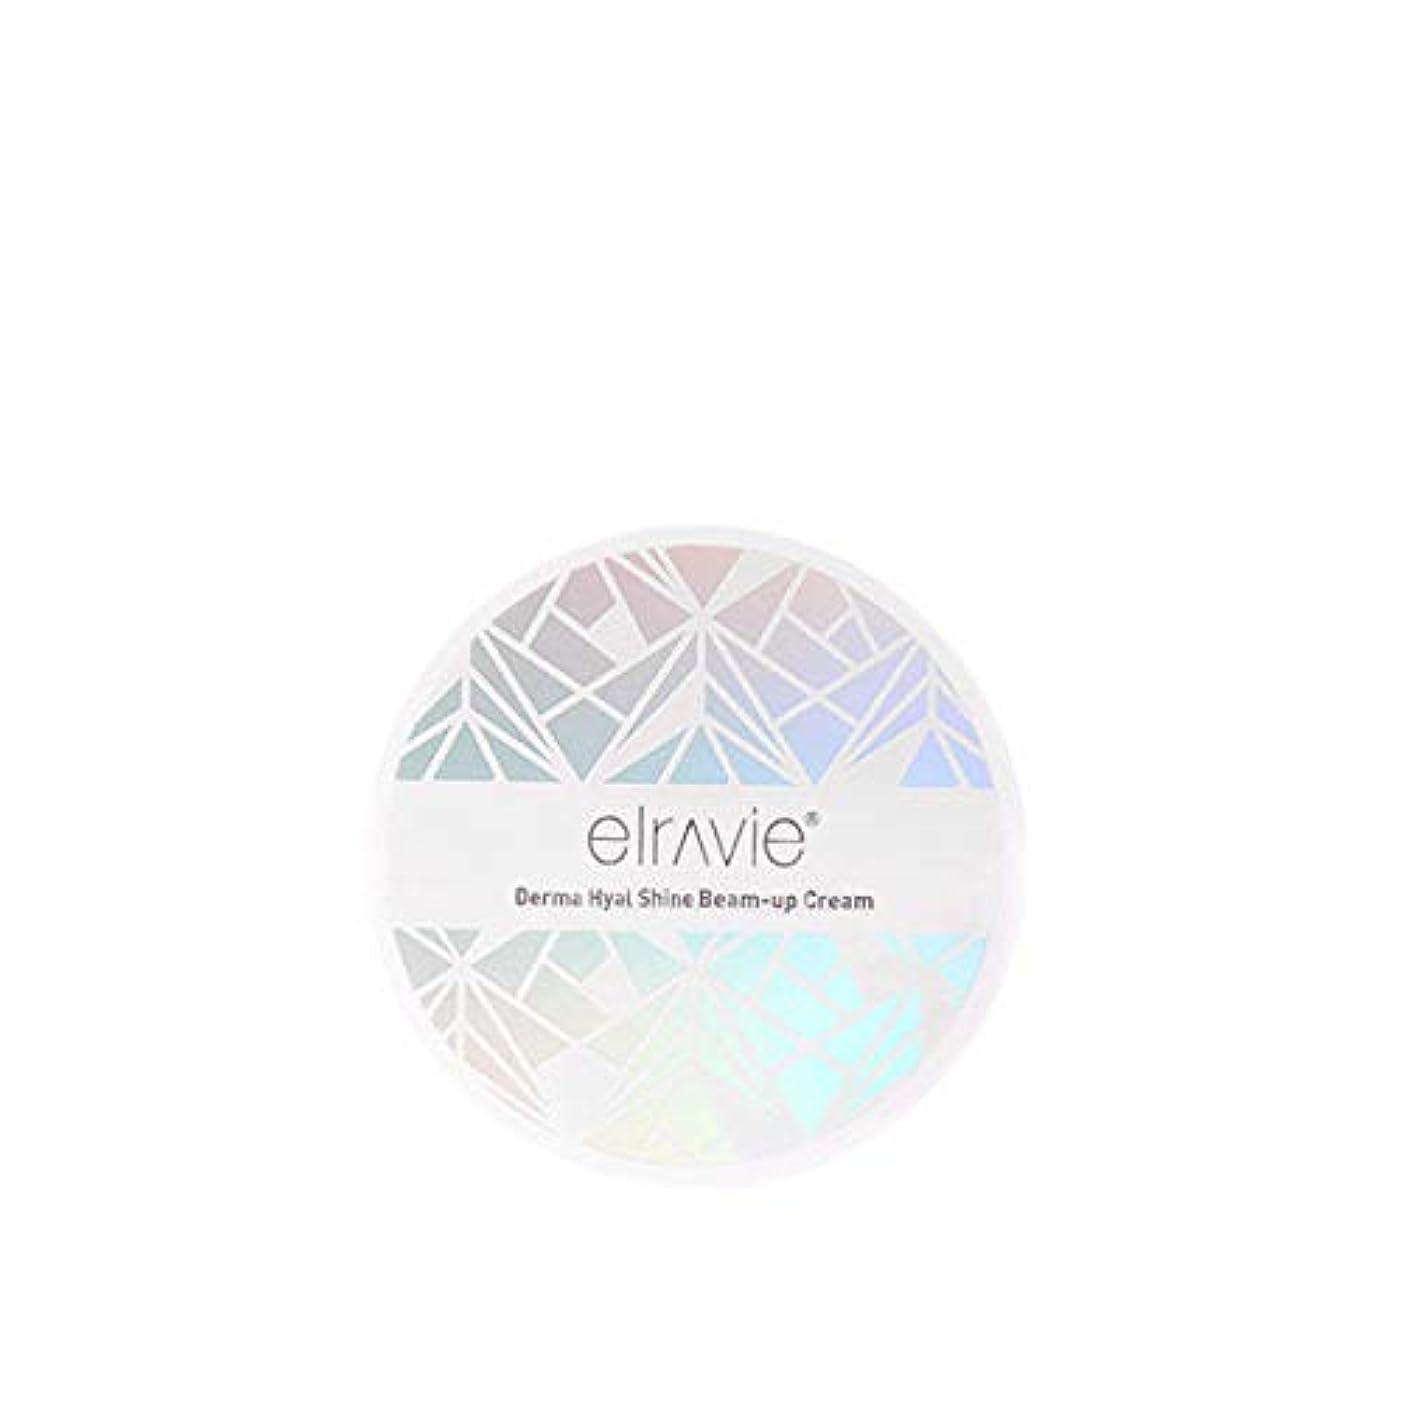 宿泊感度規模エラヴィー[Elravie] ダーマヒアルロン酸 輝くビームアップクリーム15g / Derma Hyal Shine Beam-up Cream